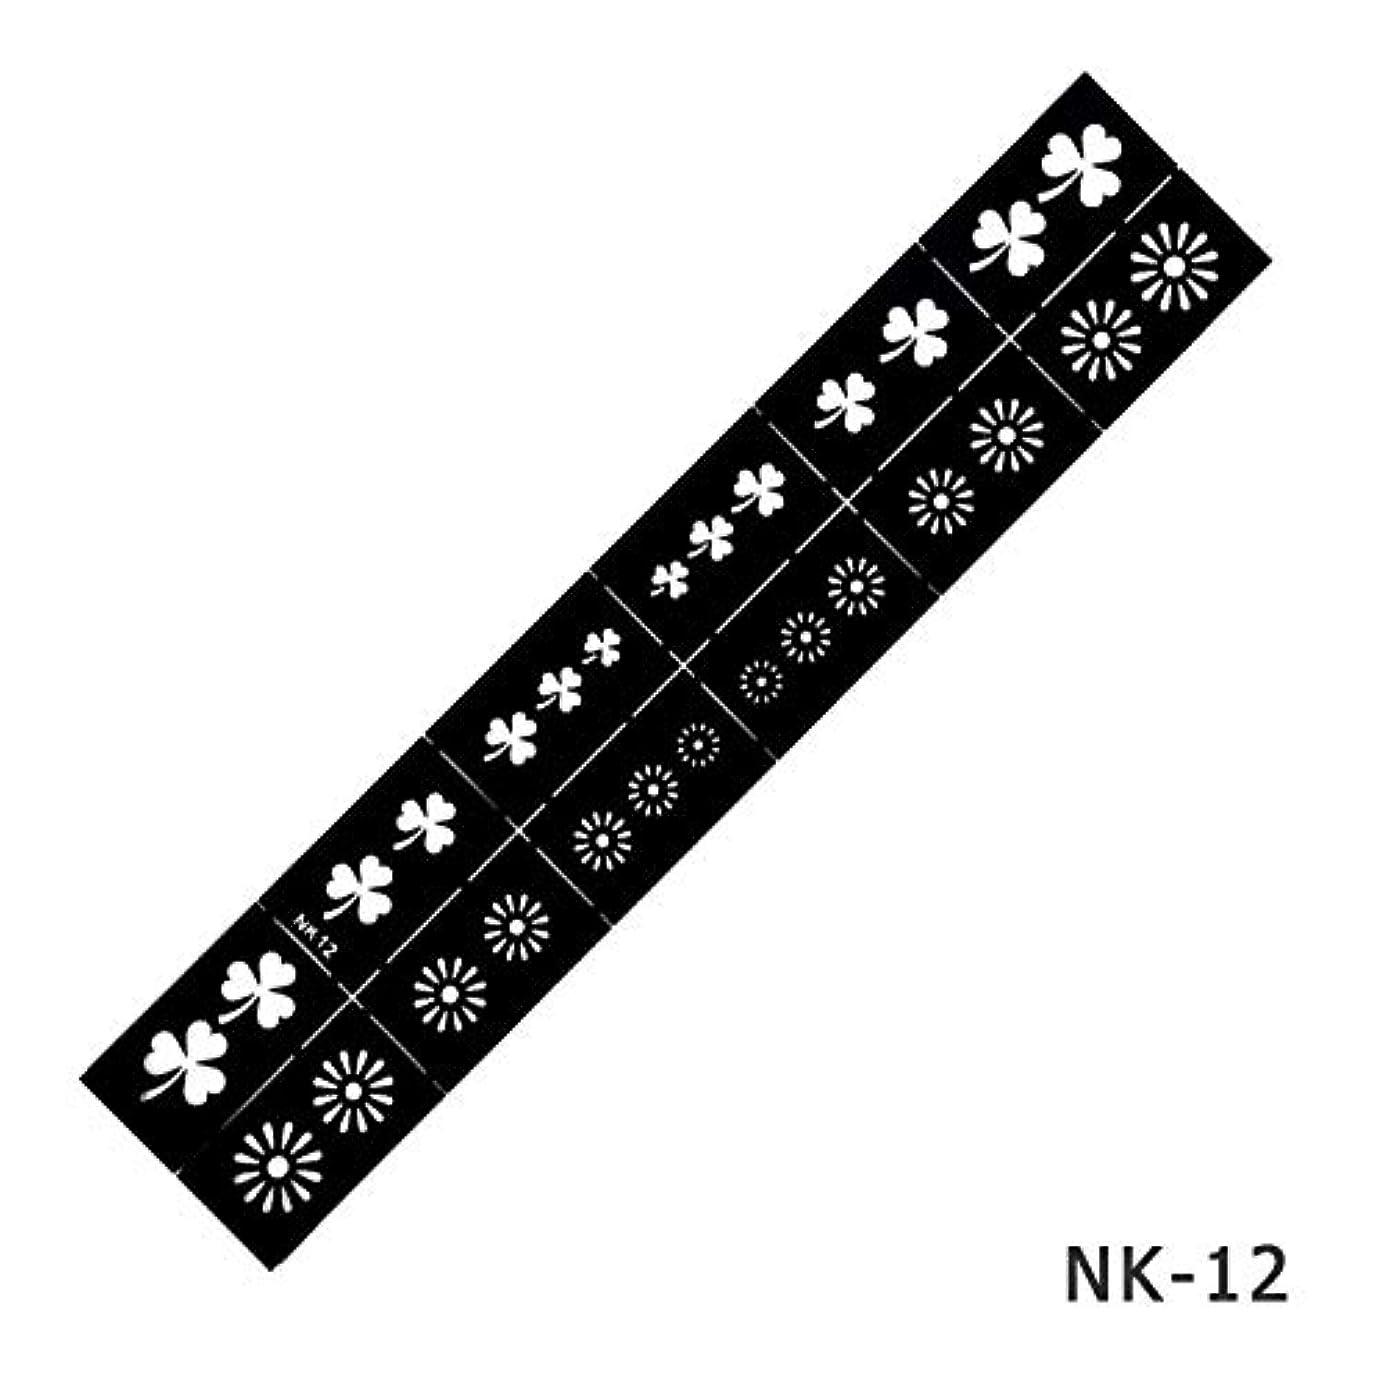 反対したジャム引き受けるSUKTI&XIAO ネイルステッカー 1シートネイルアートのヒントガイド中空ステッカークリスタルフレンチマニキュアテンプレート3Dステンシルデカールフォームスタイリングツール、Nk12